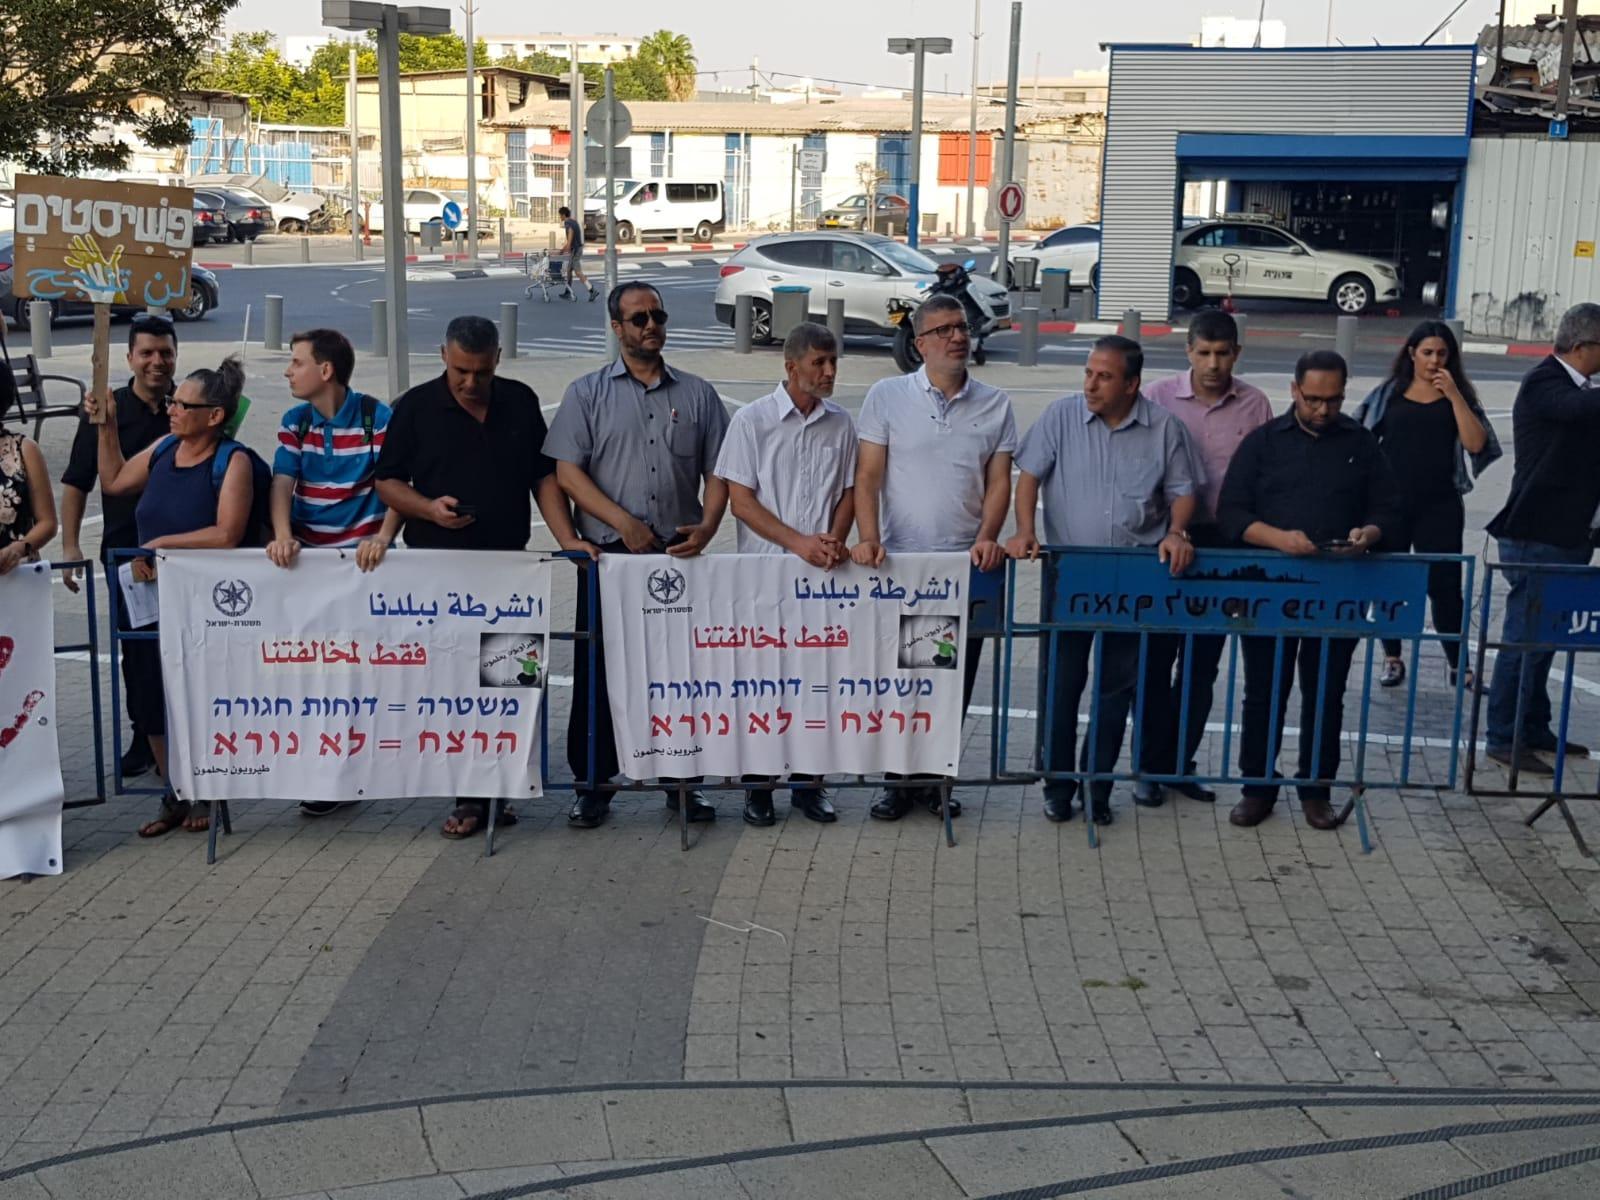 يافا: تظاهرة أمام المقر الرئيسي للشرطة احتجاجا على تقاعسها في مواجهة الجريمة